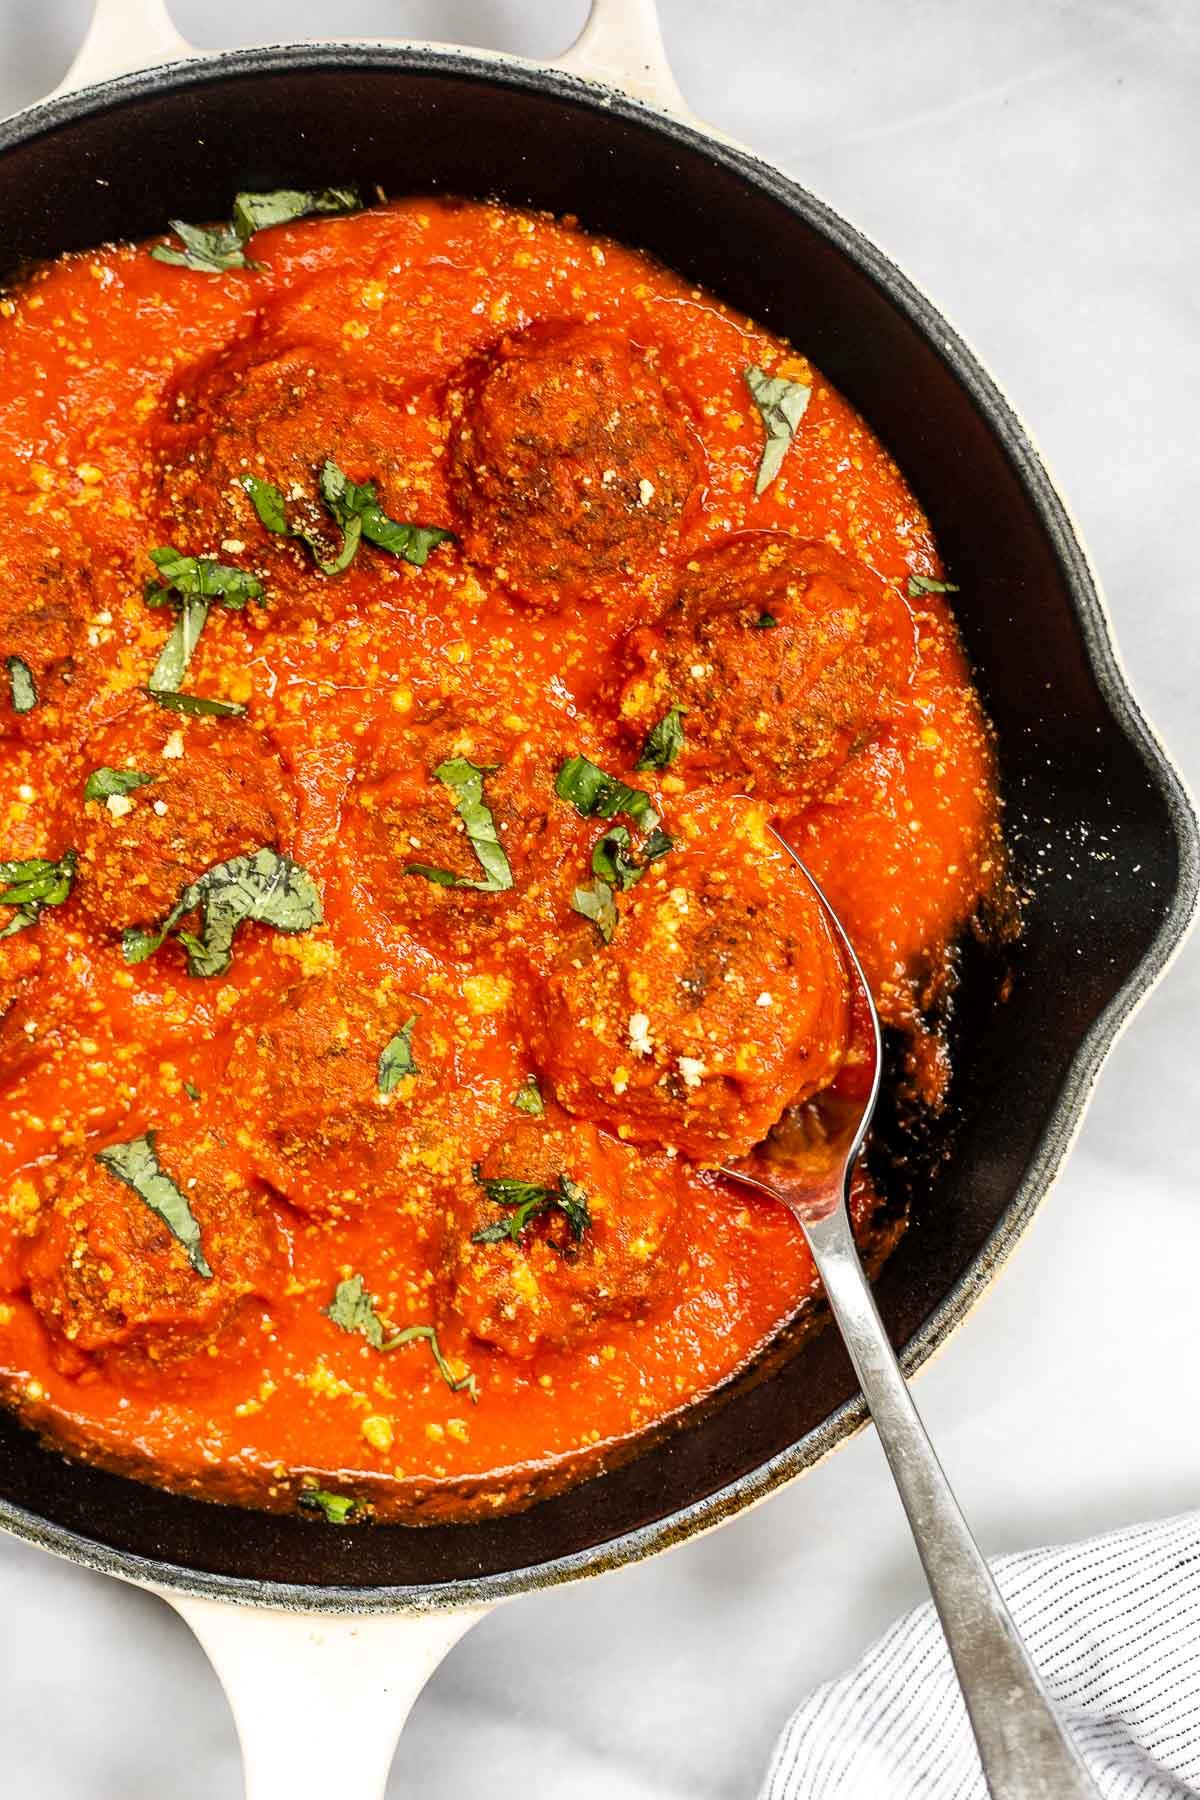 Vegan lentil meatballs coated in marinara in a large pan.